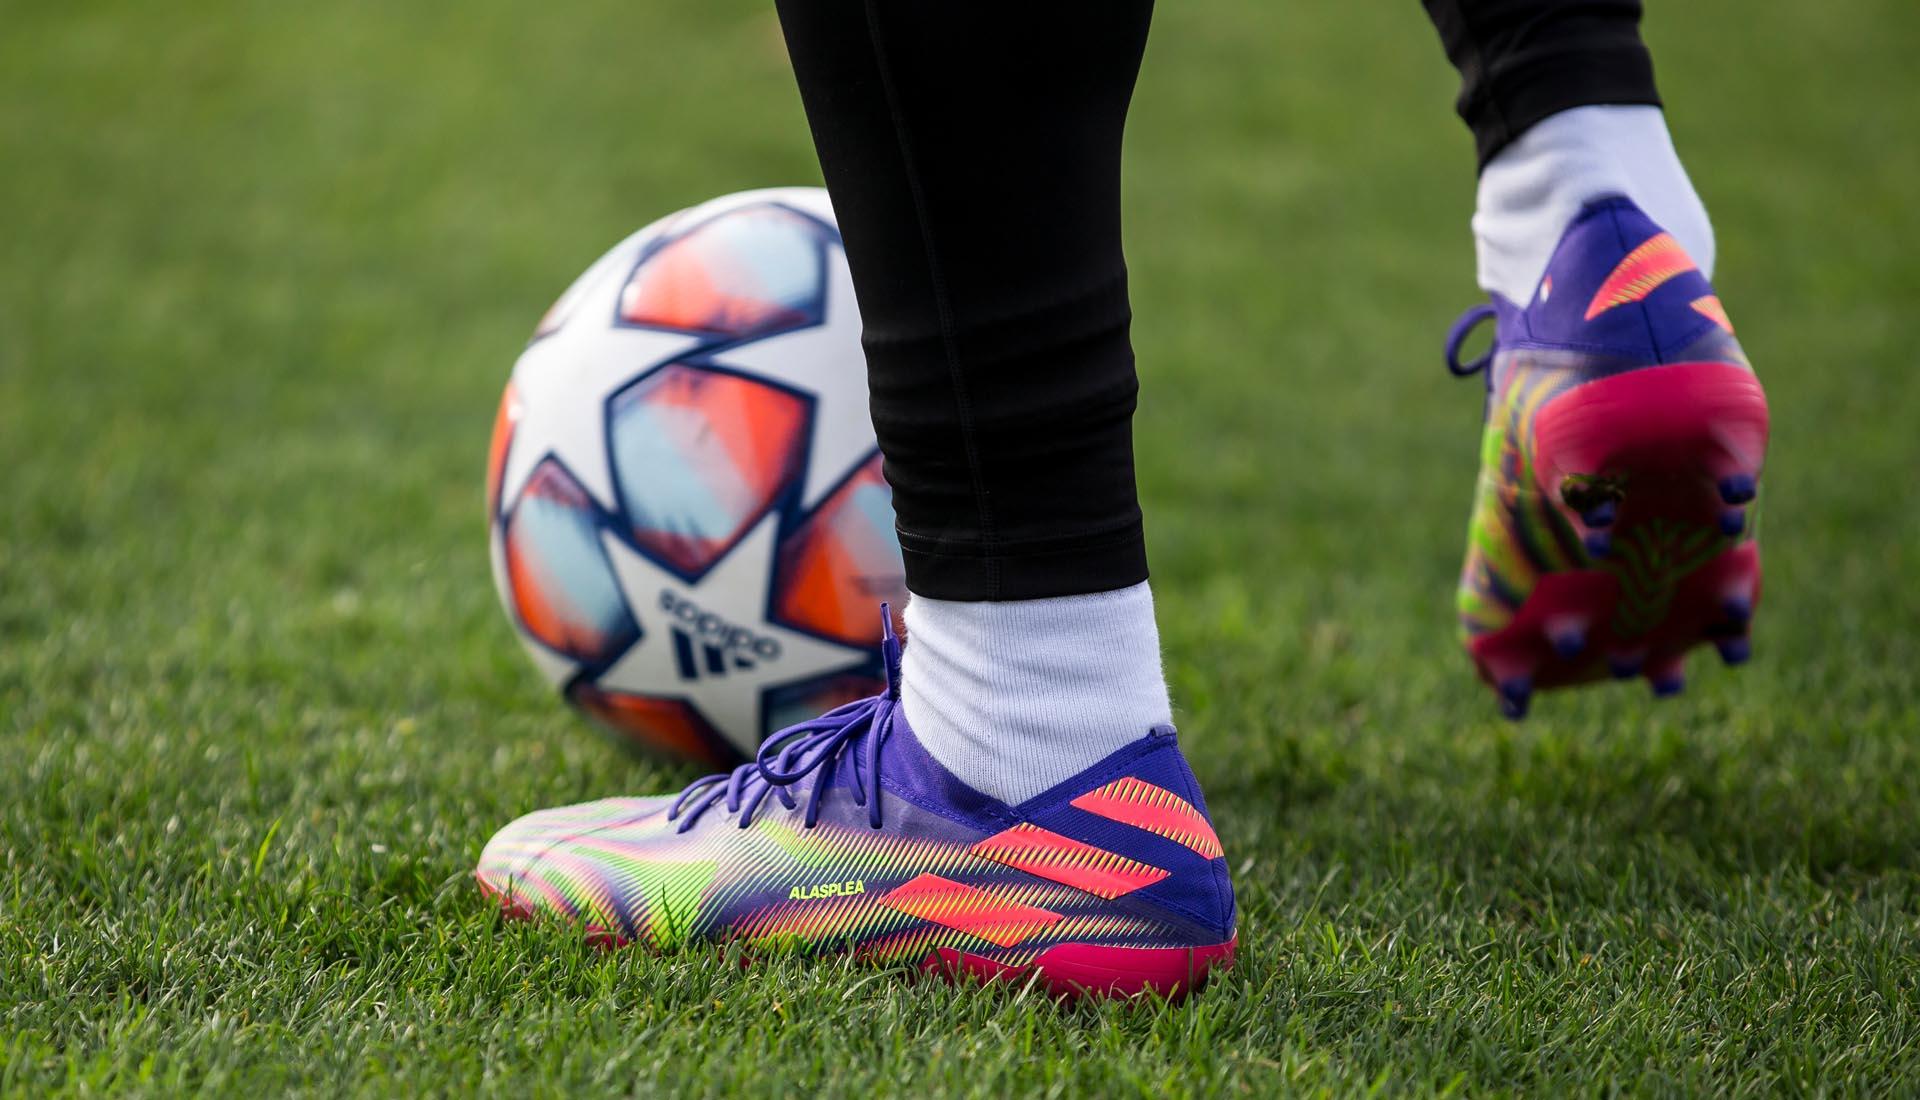 Adidas Nemeziz .1 với gam màu bảy sắc cầu vồng được cho là gam màu mới sắp ra mắt